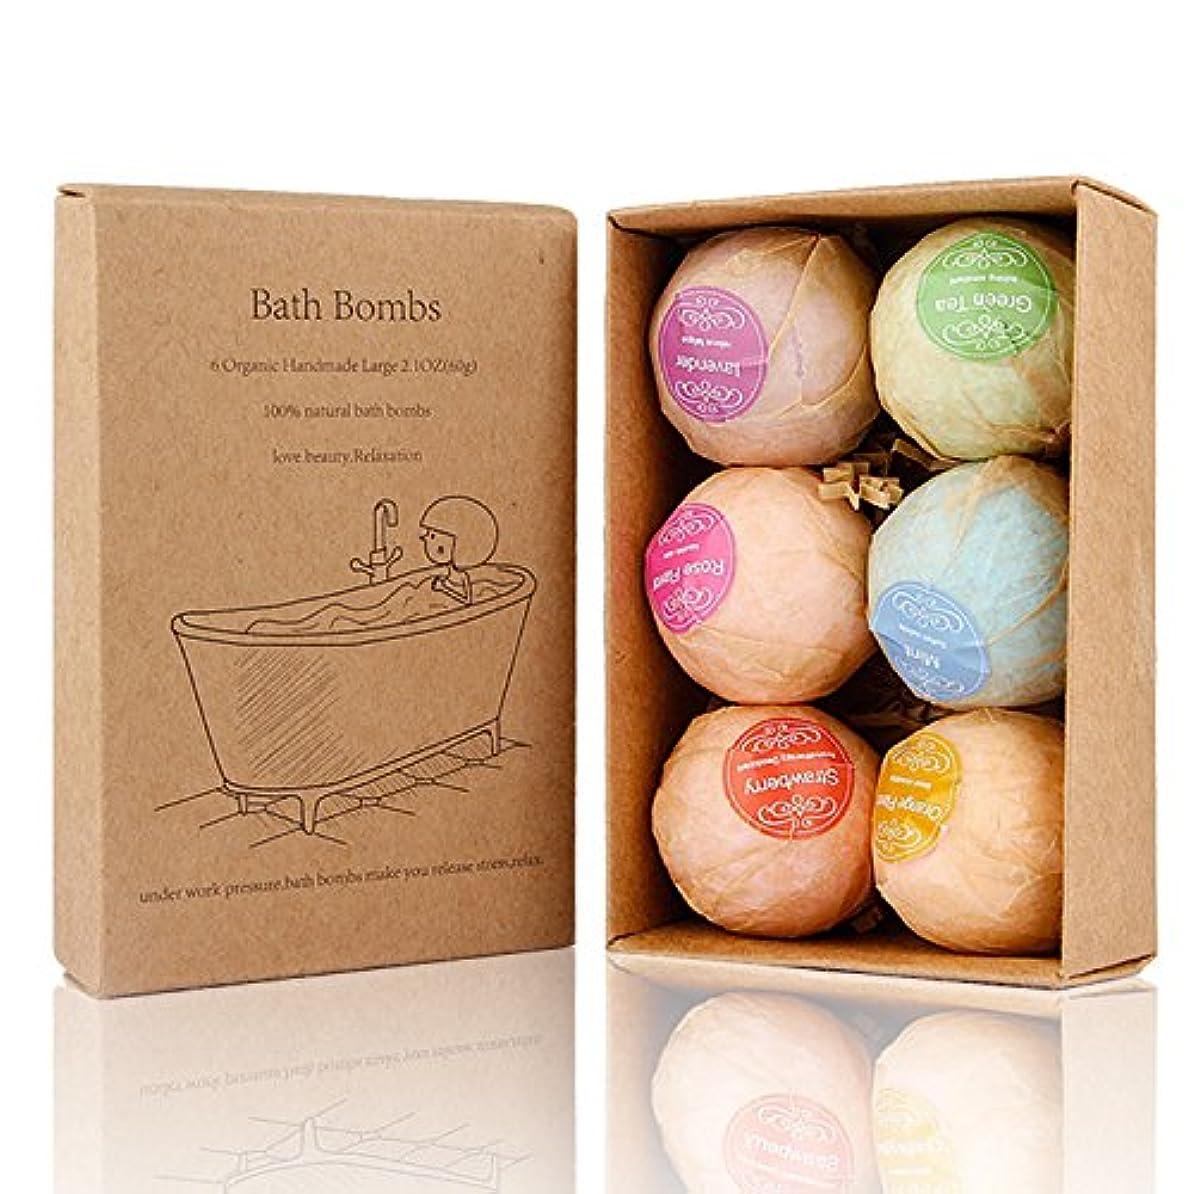 緯度ワゴンアーネストシャクルトンBath Bomb, 温泡 入浴剤 ギフトセット6個入り, Perfect for Bubble & Spa Bath Ultra Lush Bath Fizzies